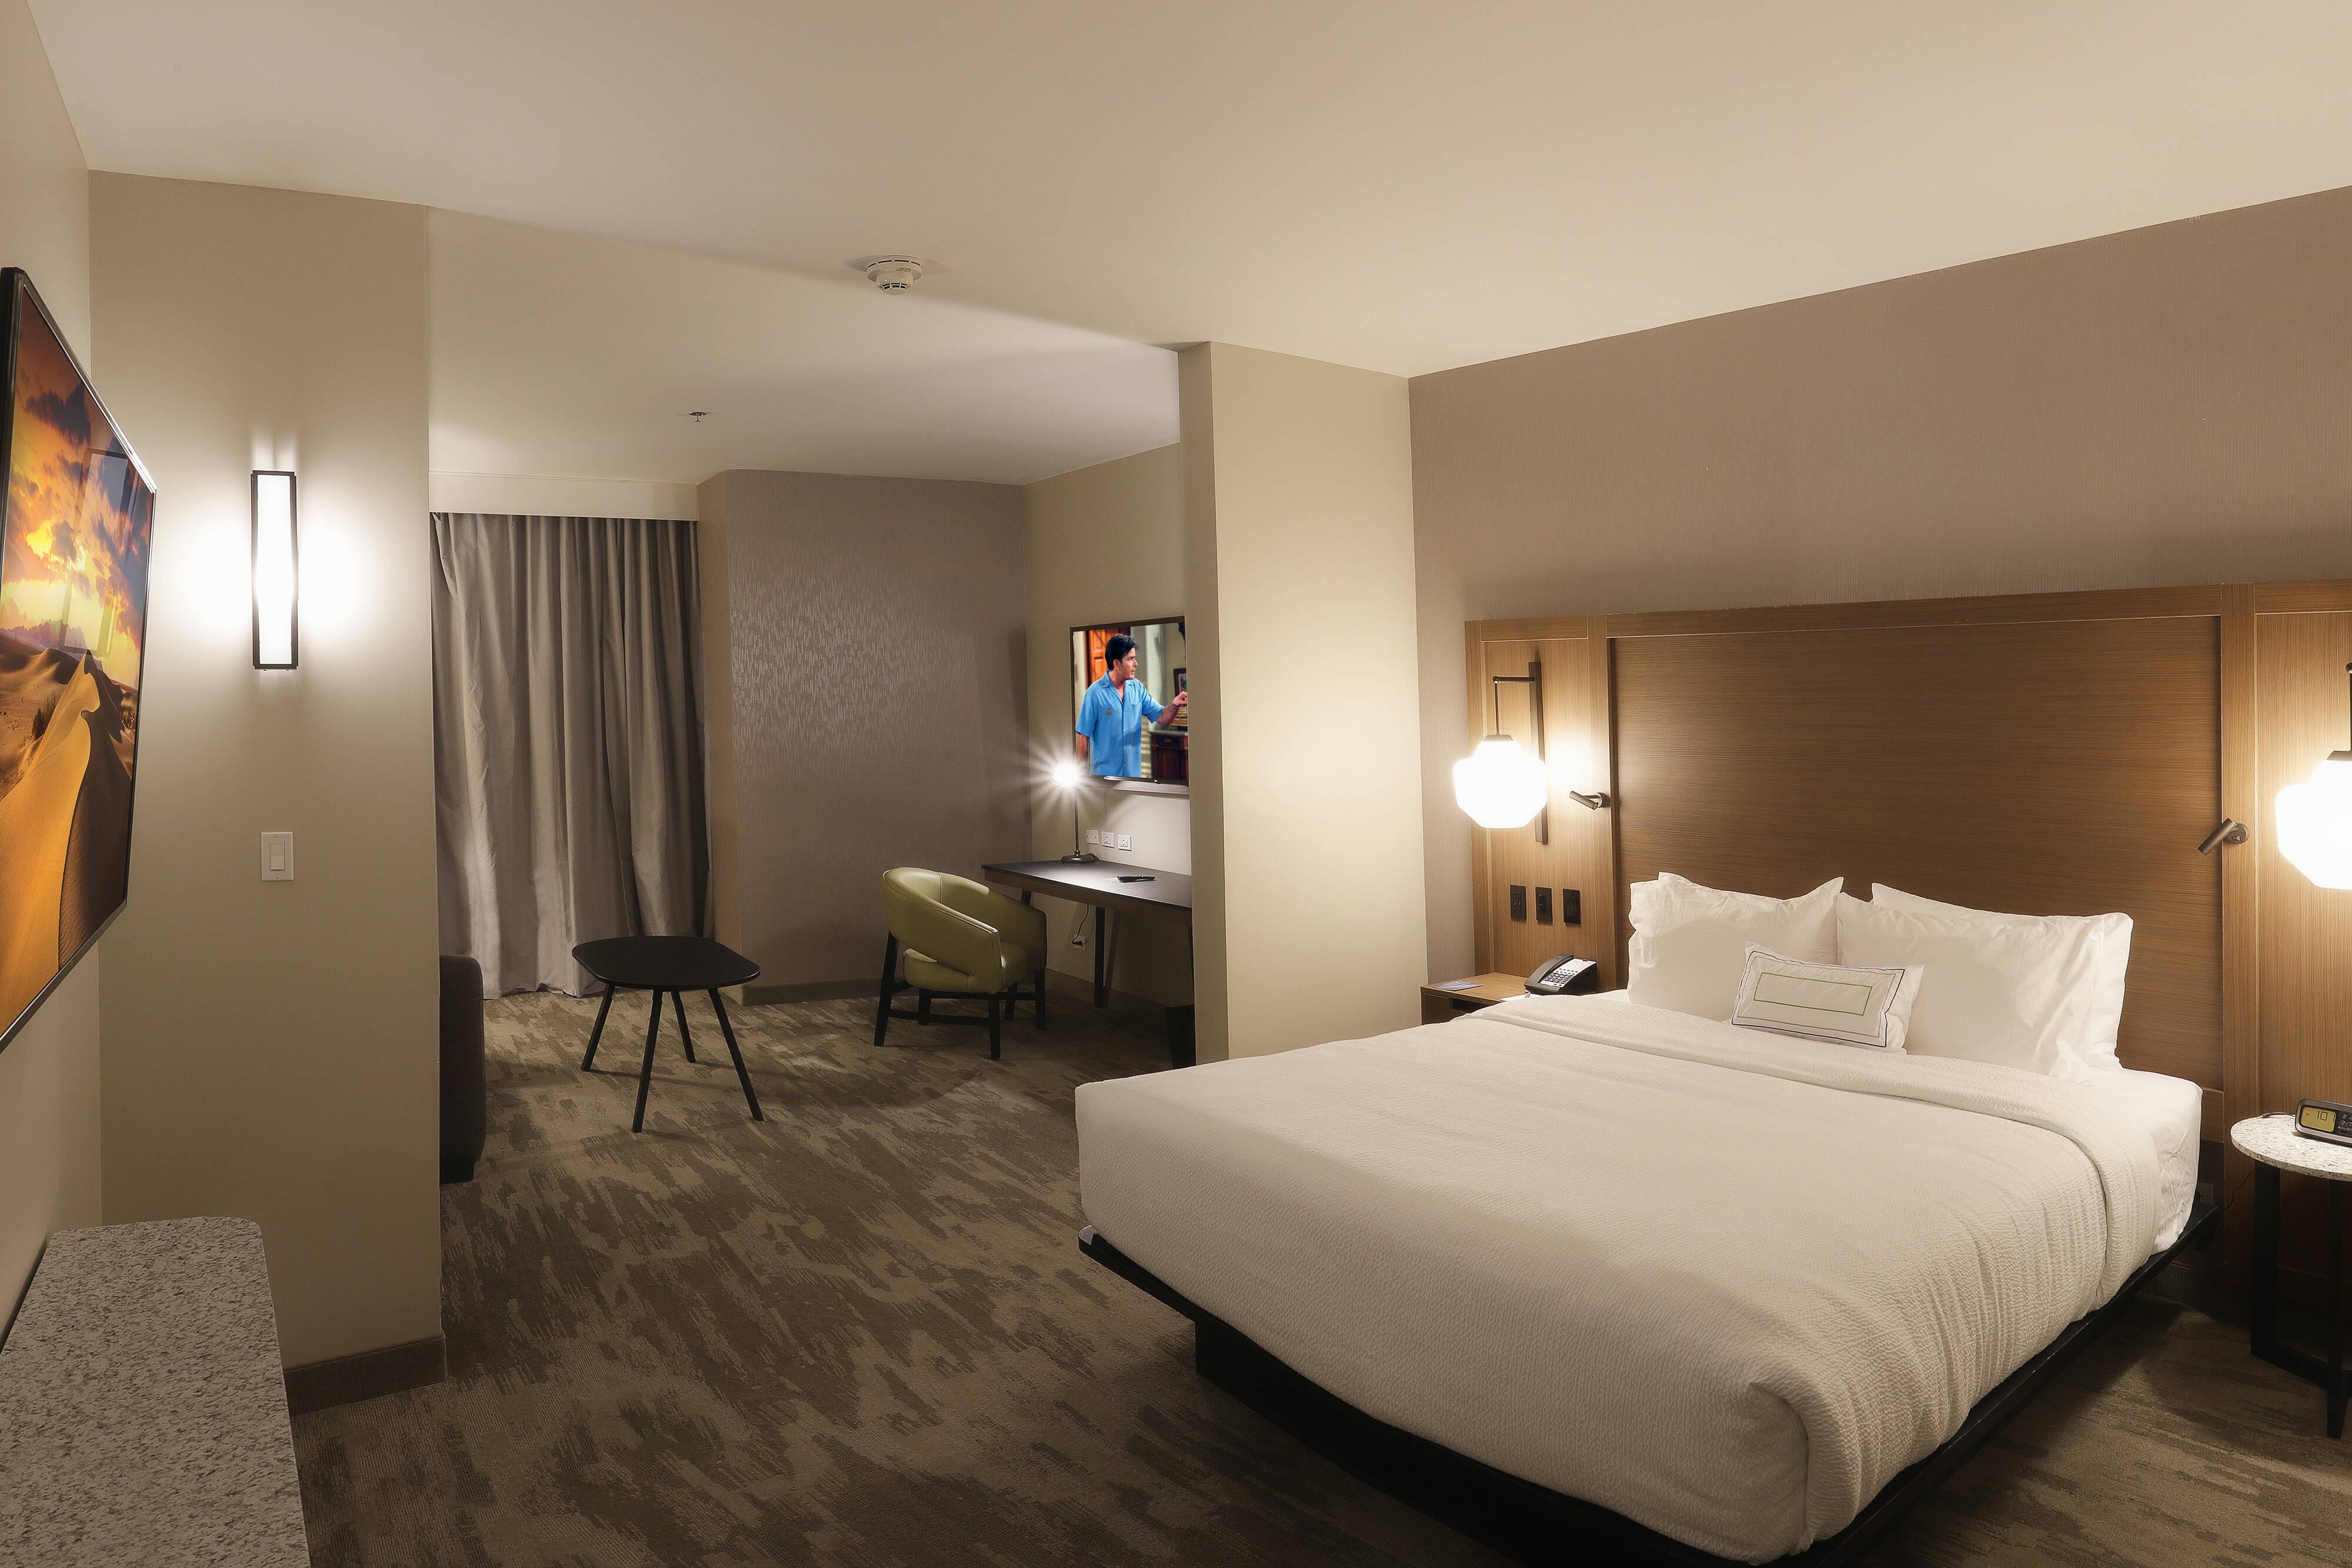 Suitecon cama tamaño King - Dormitorio